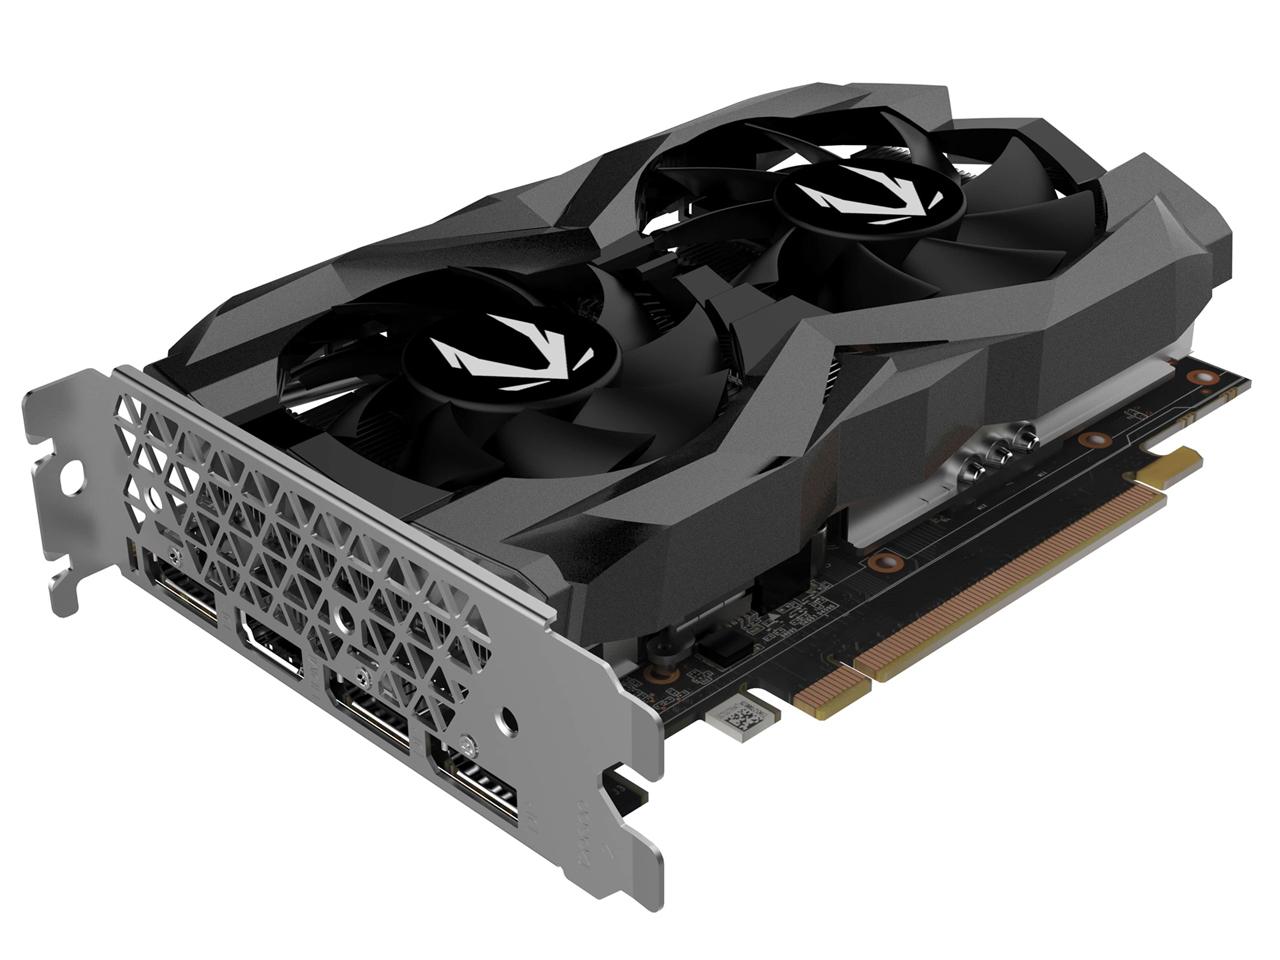 『本体3』 ZOTAC GAMING GeForce GTX 1660 6GB GDDR5 ZT-T16600F-10L [PCIExp 6GB] の製品画像